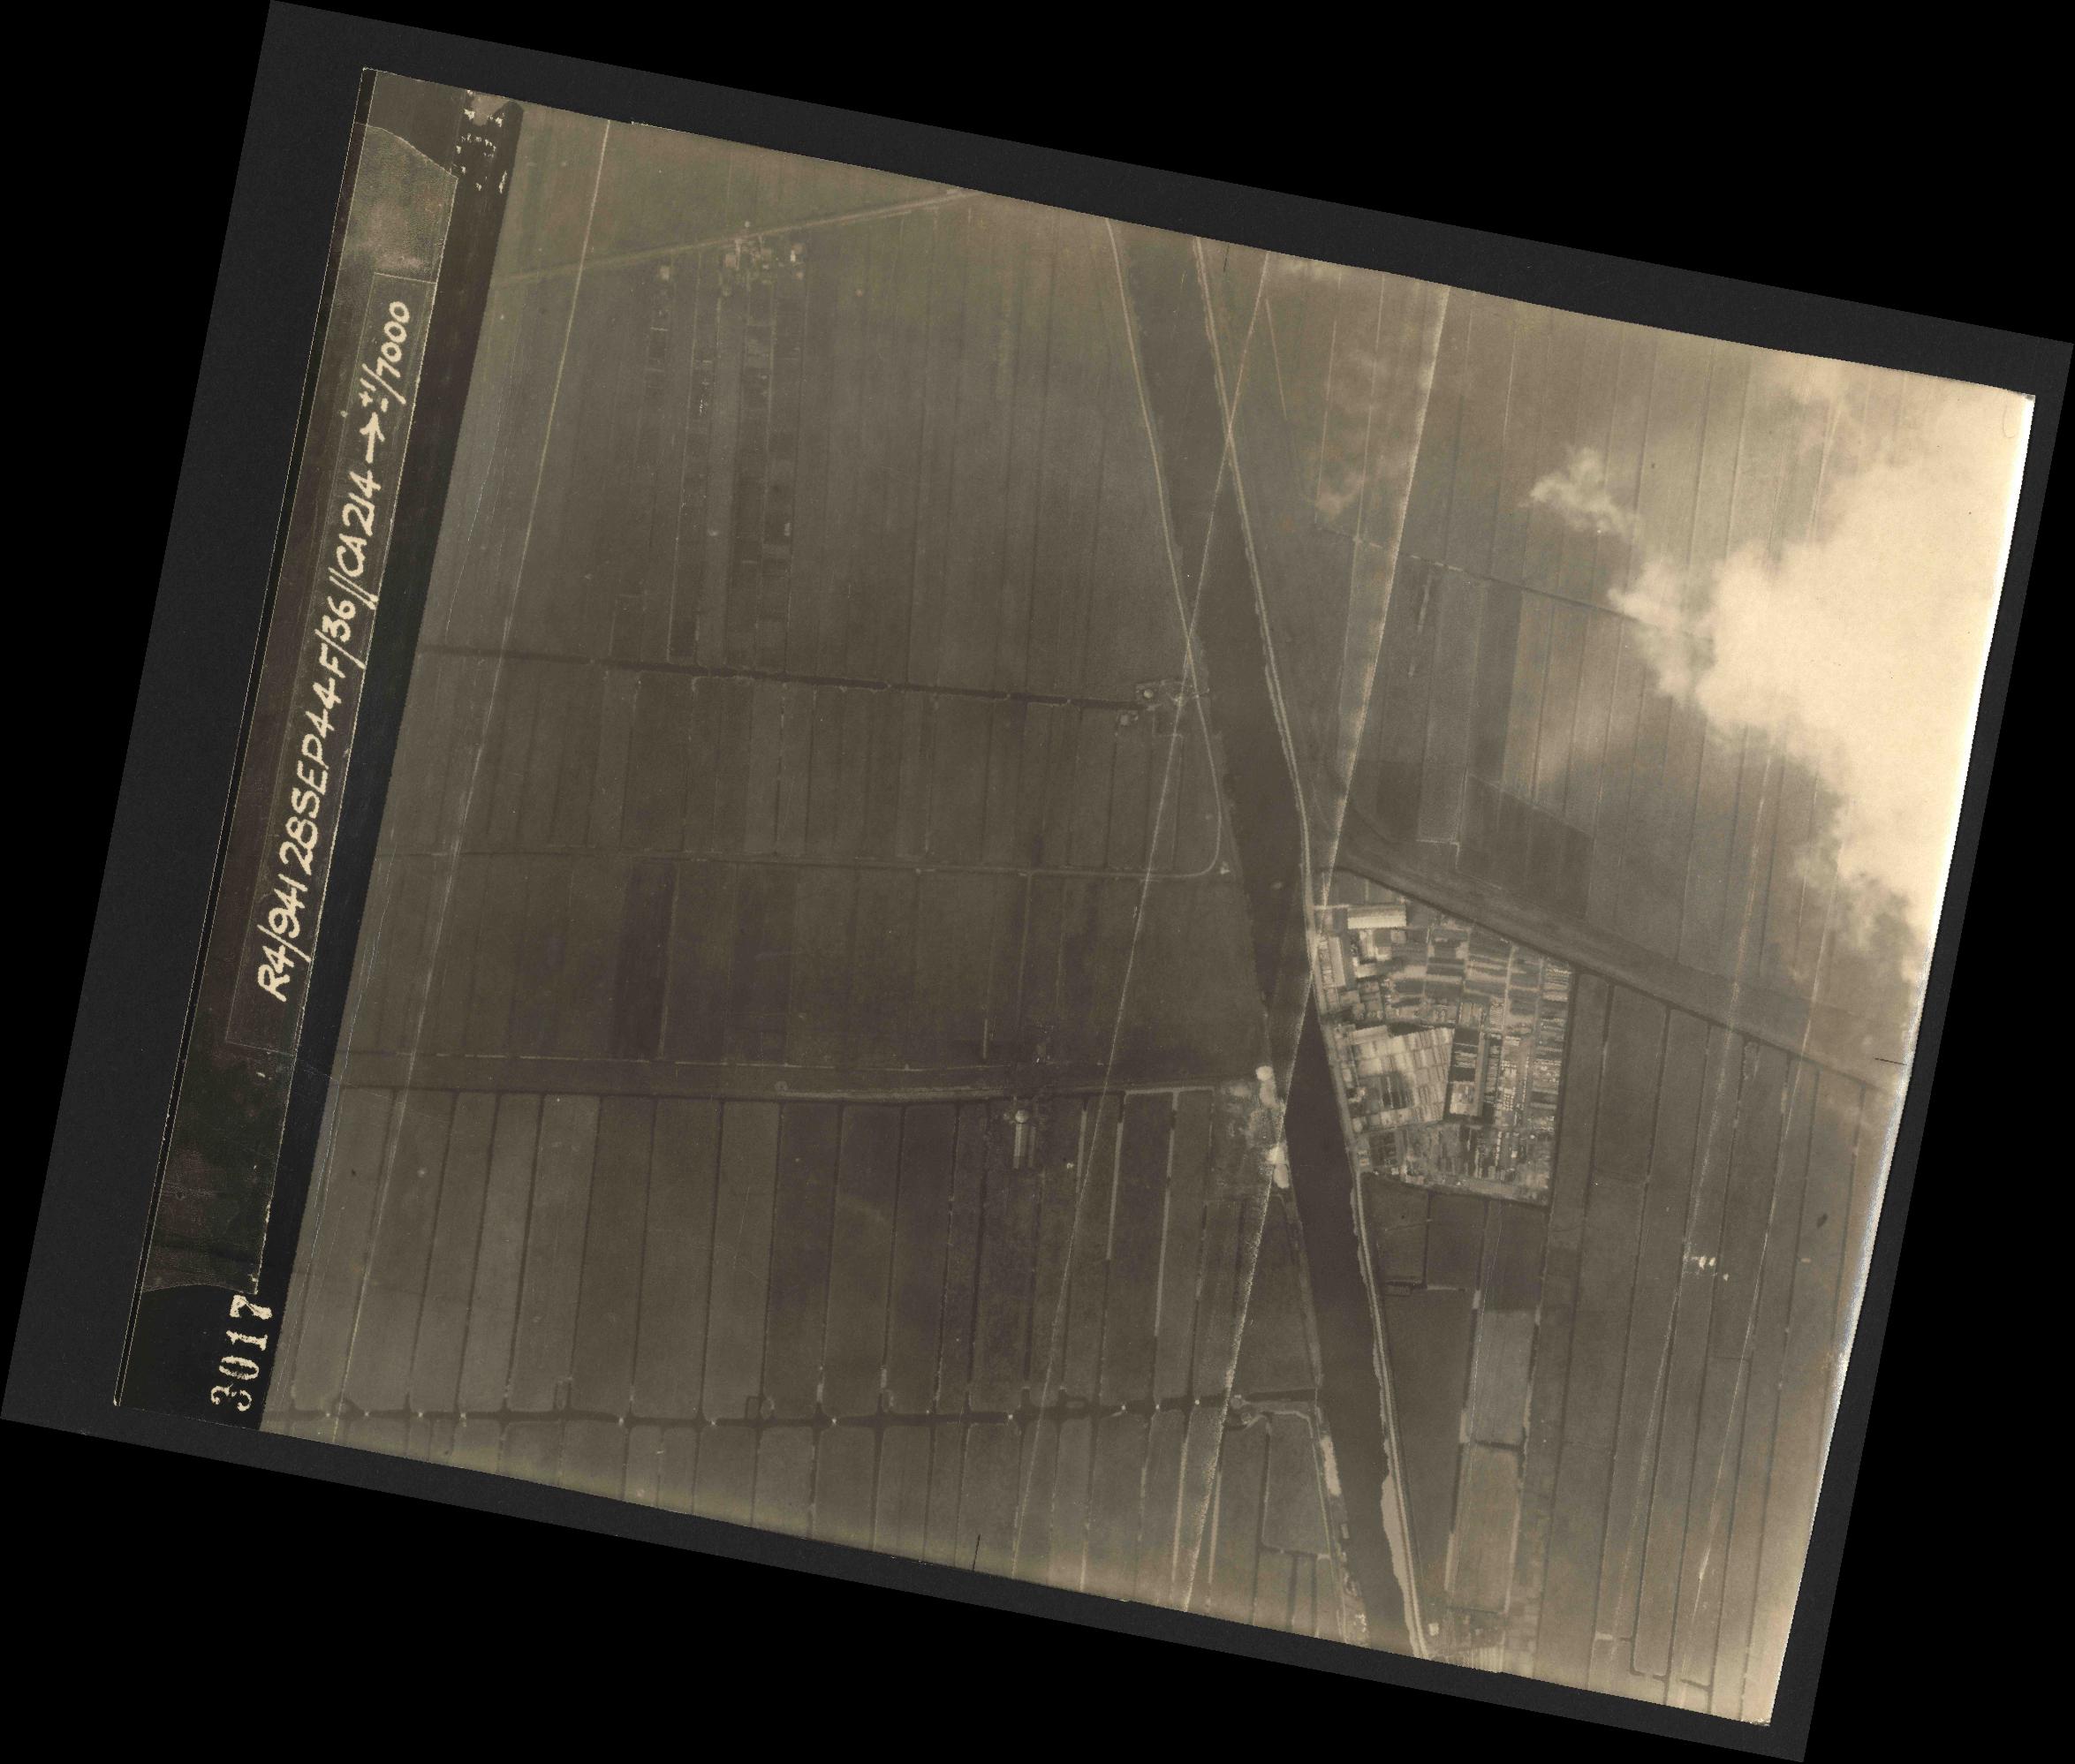 Collection RAF aerial photos 1940-1945 - flight 067, run 03, photo 3017